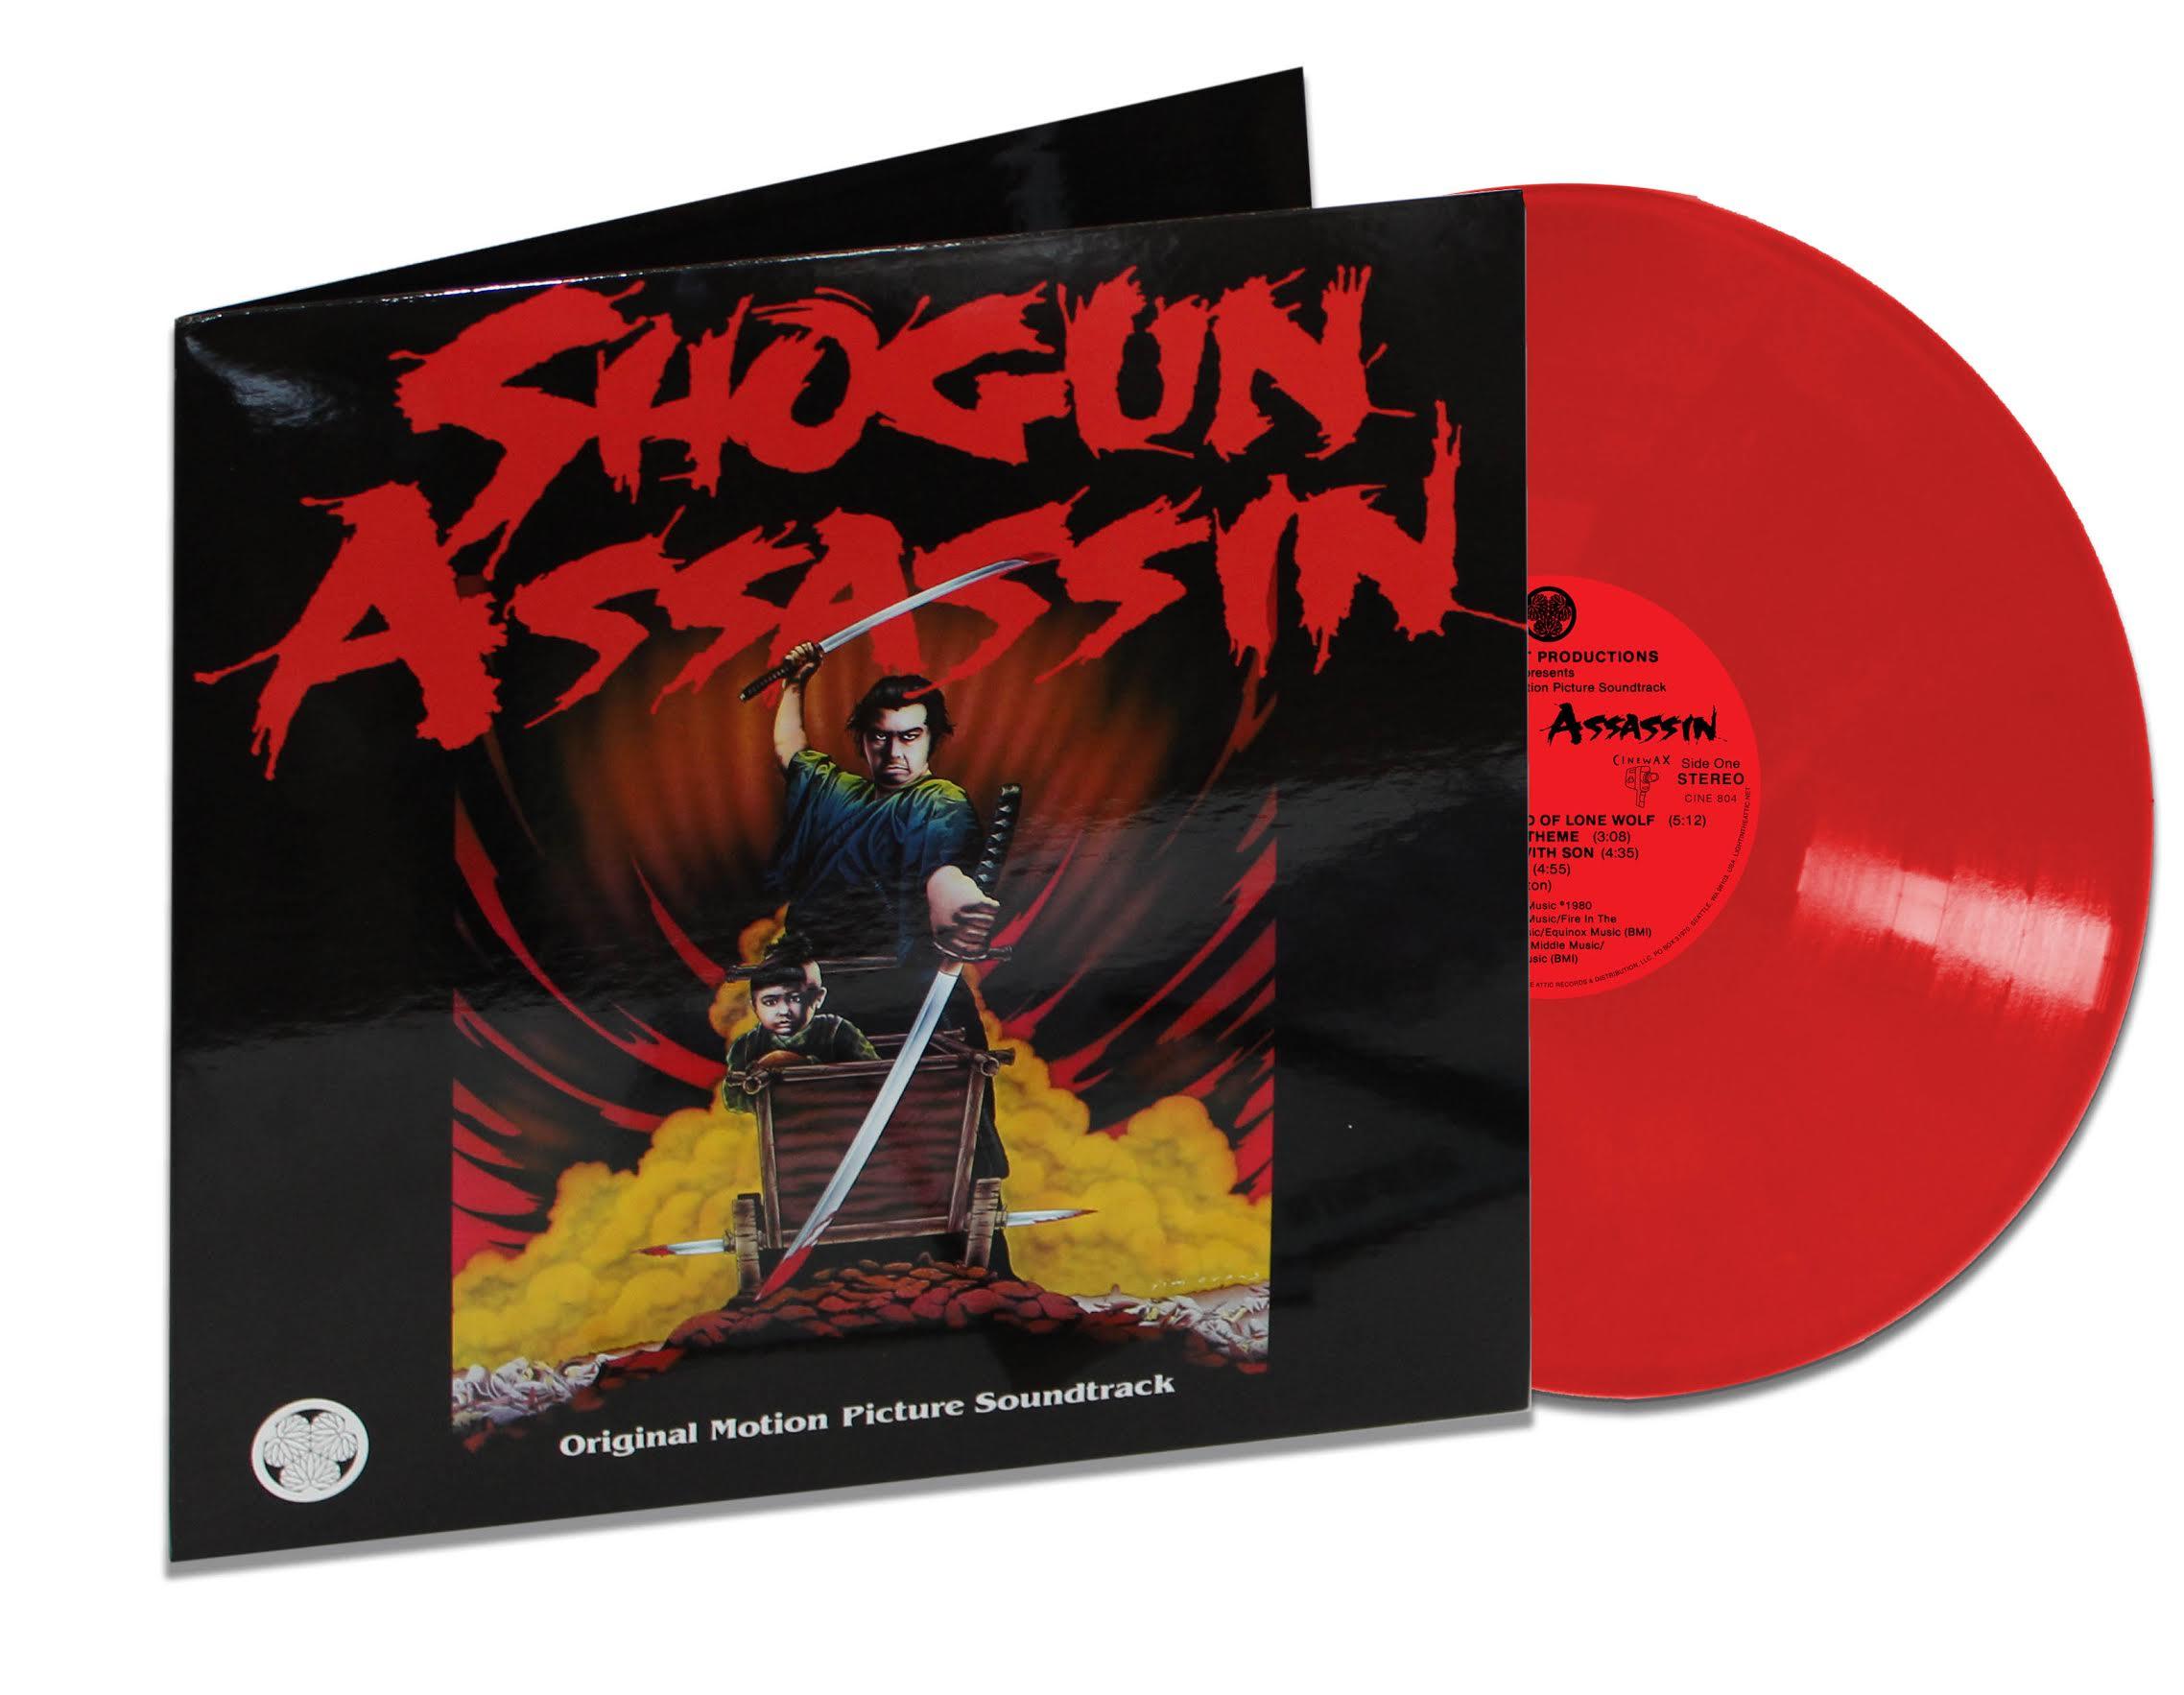 wu assassin soundtrack